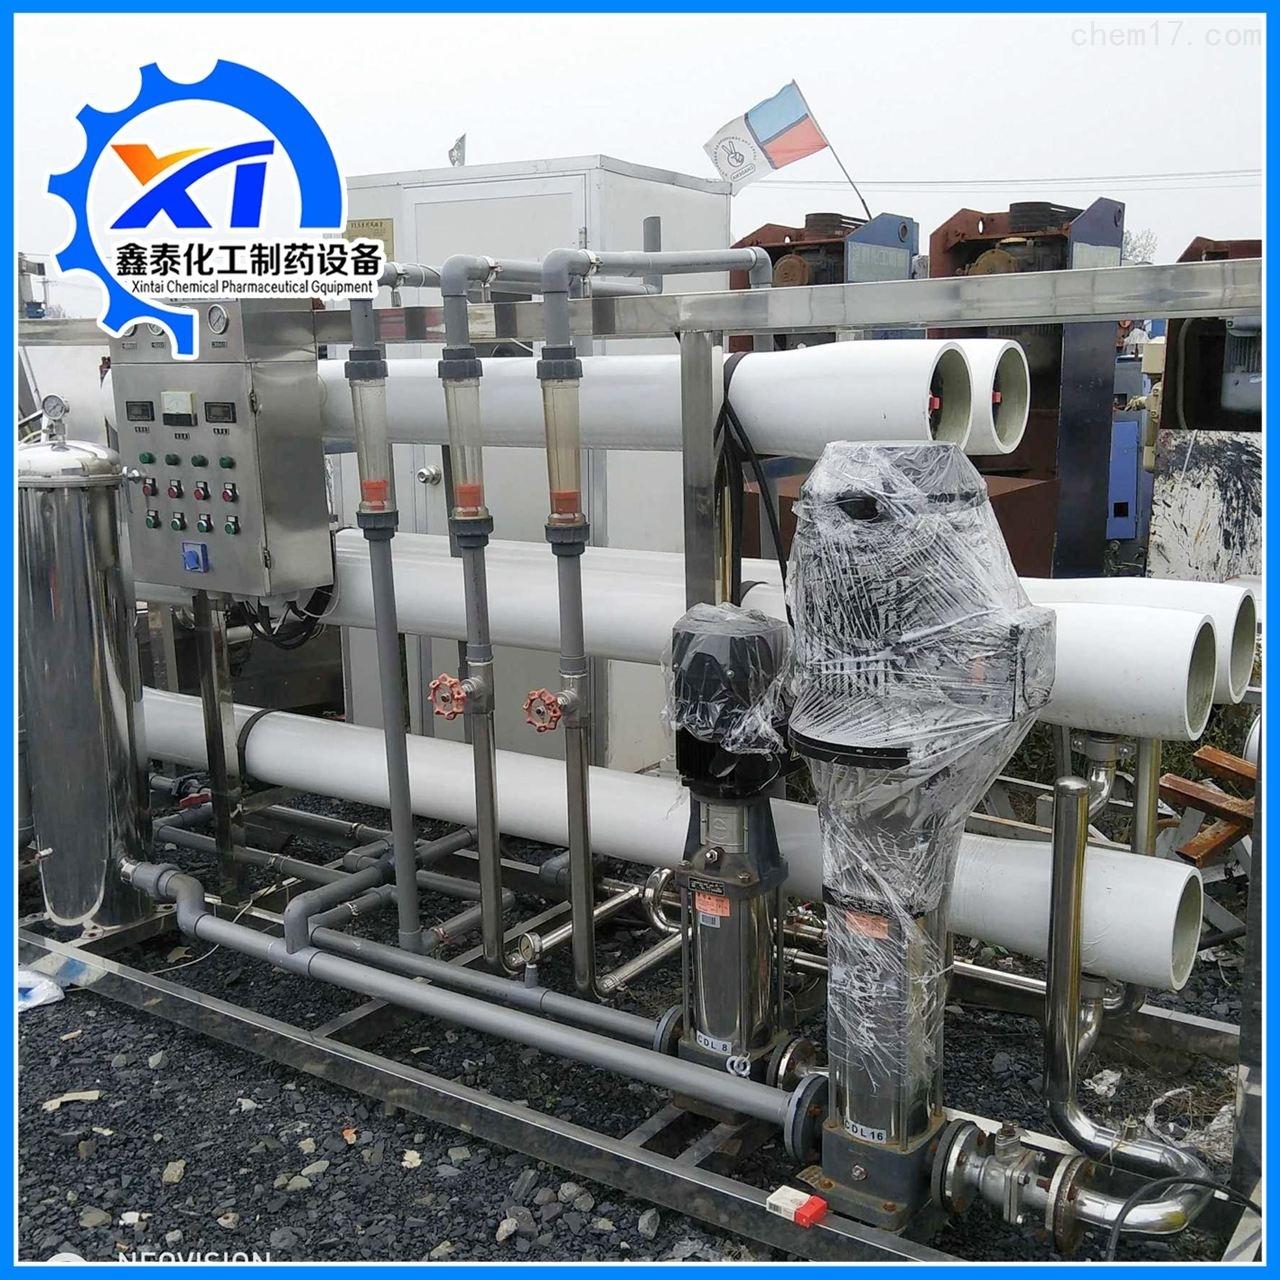 出售100吨二手反渗透水处理设备  厂家价格